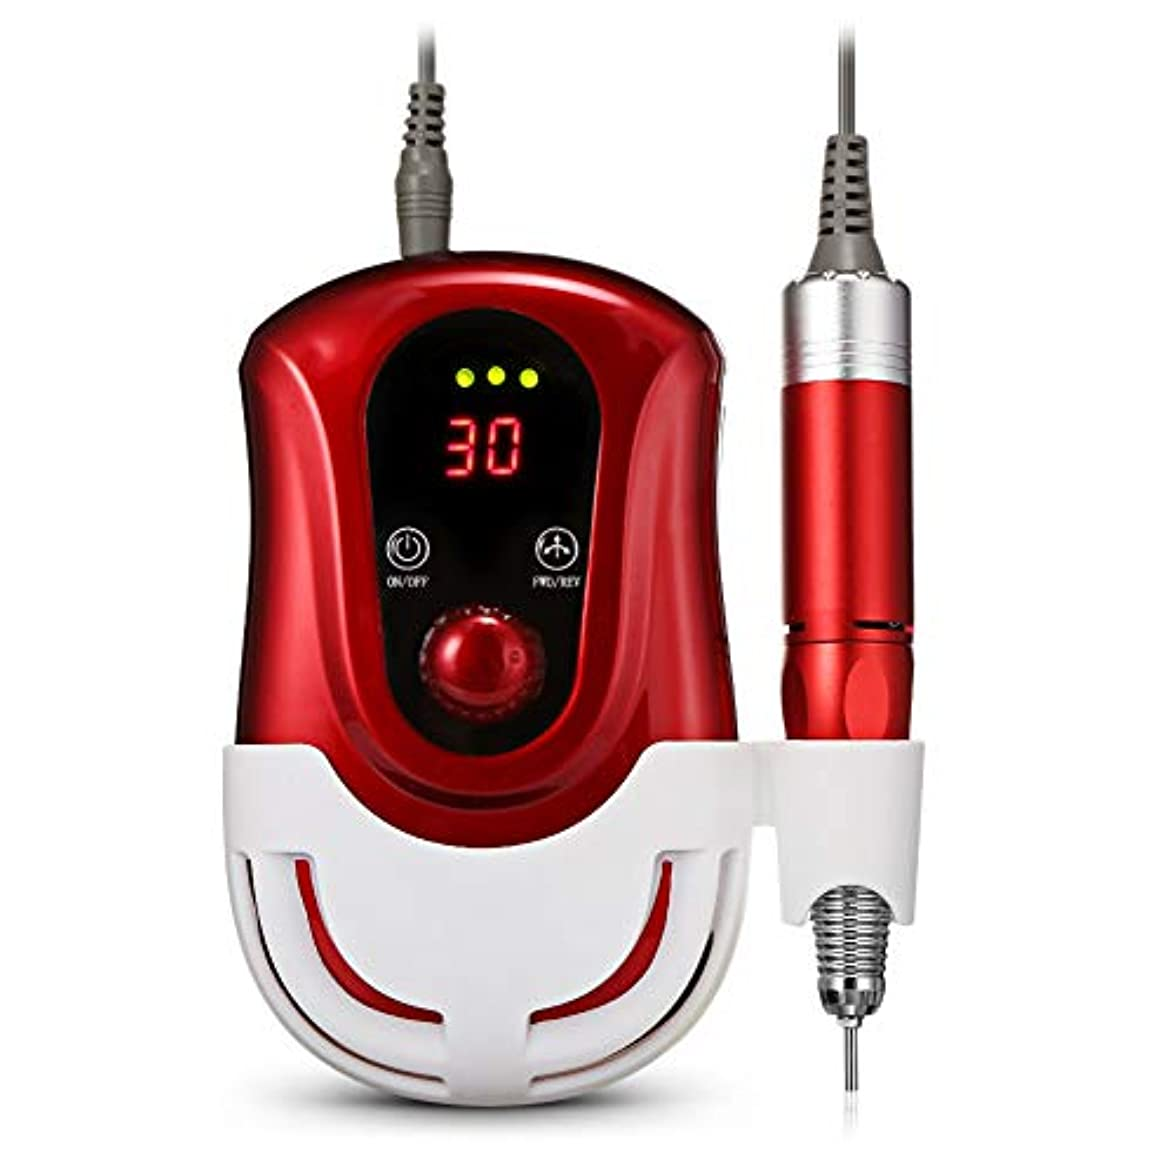 フェンス更新する抽選68ワットプロフェッショナルネイル集塵機ネイルアート機器ネイル掃除機ダスト吸引機,Red